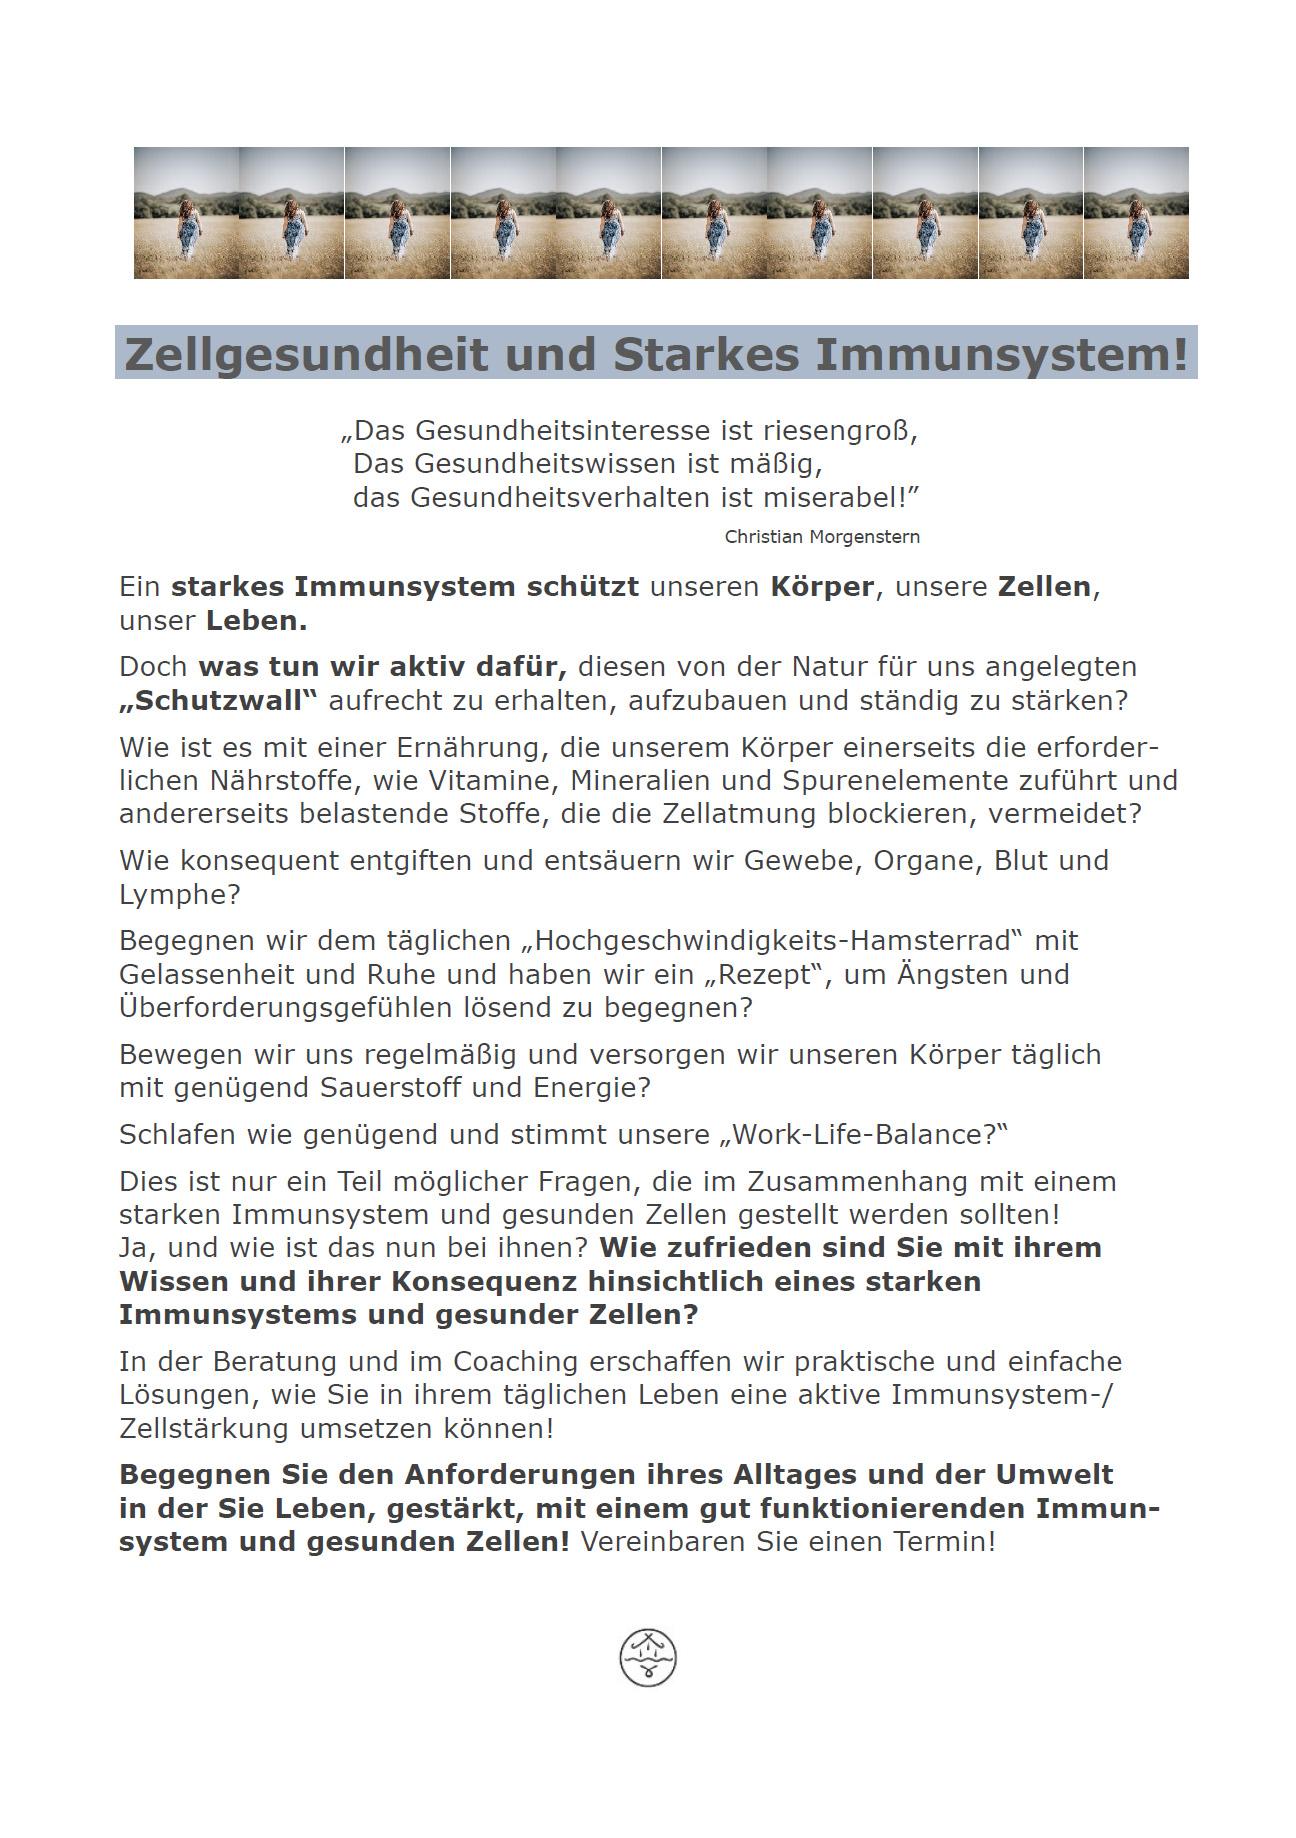 Zellgesundheit und starkes Immunsystem